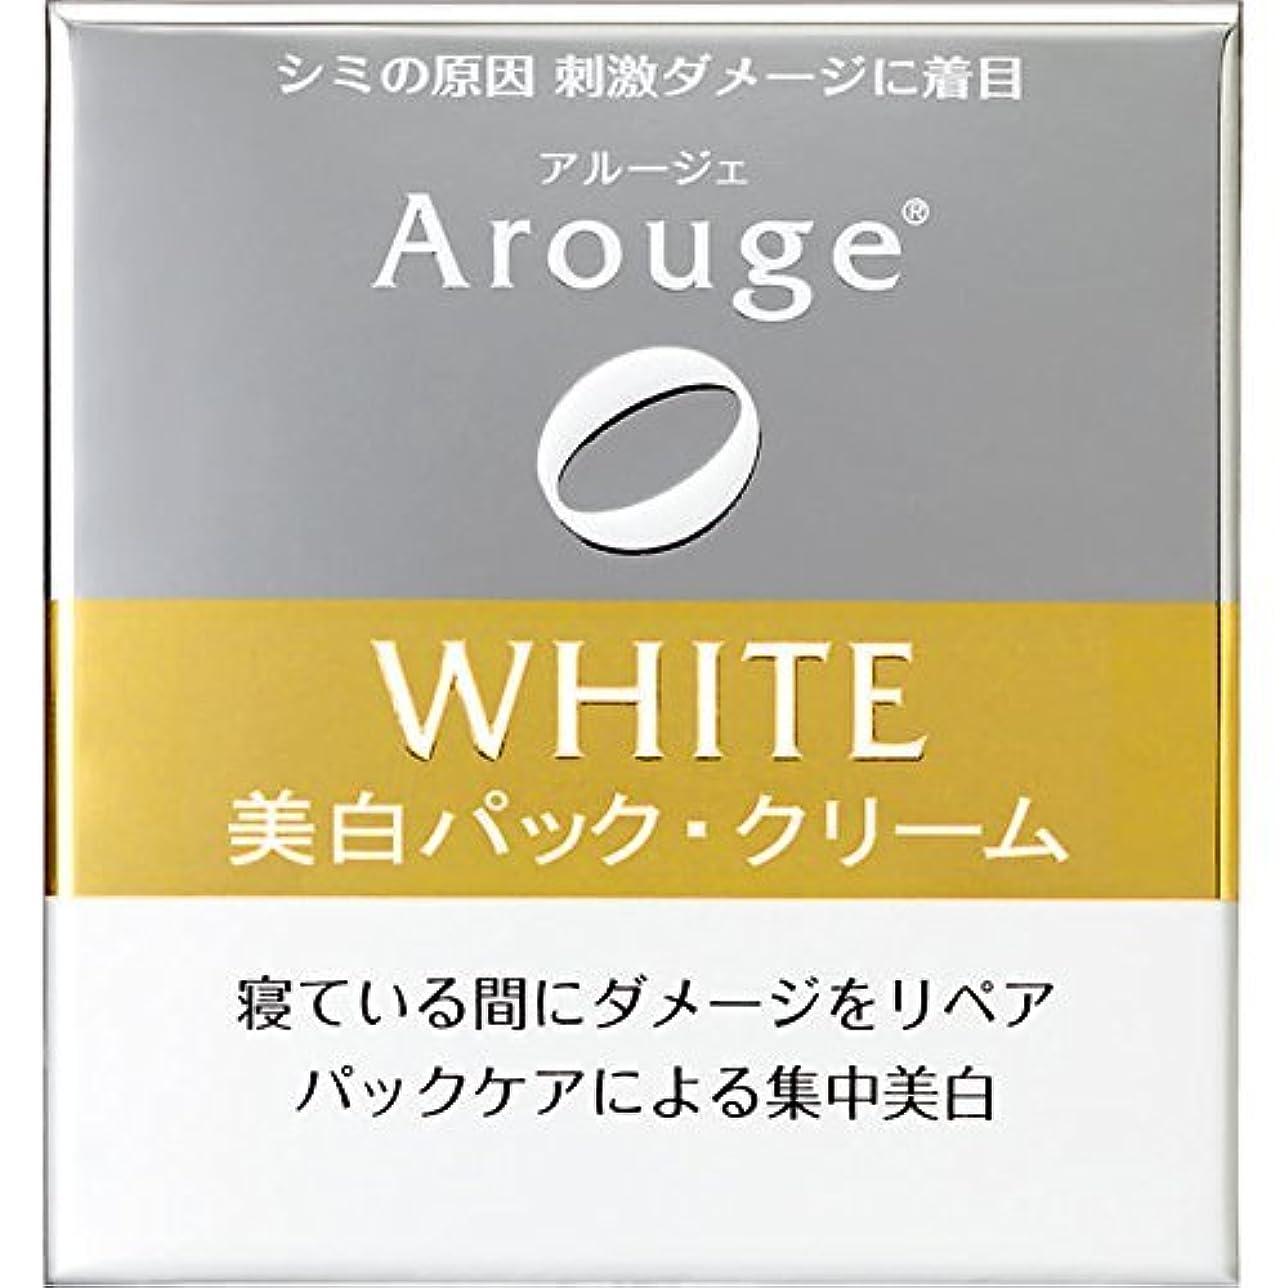 同化シリアルトラックアルージェ ホワイトニングリペアクリーム 30g